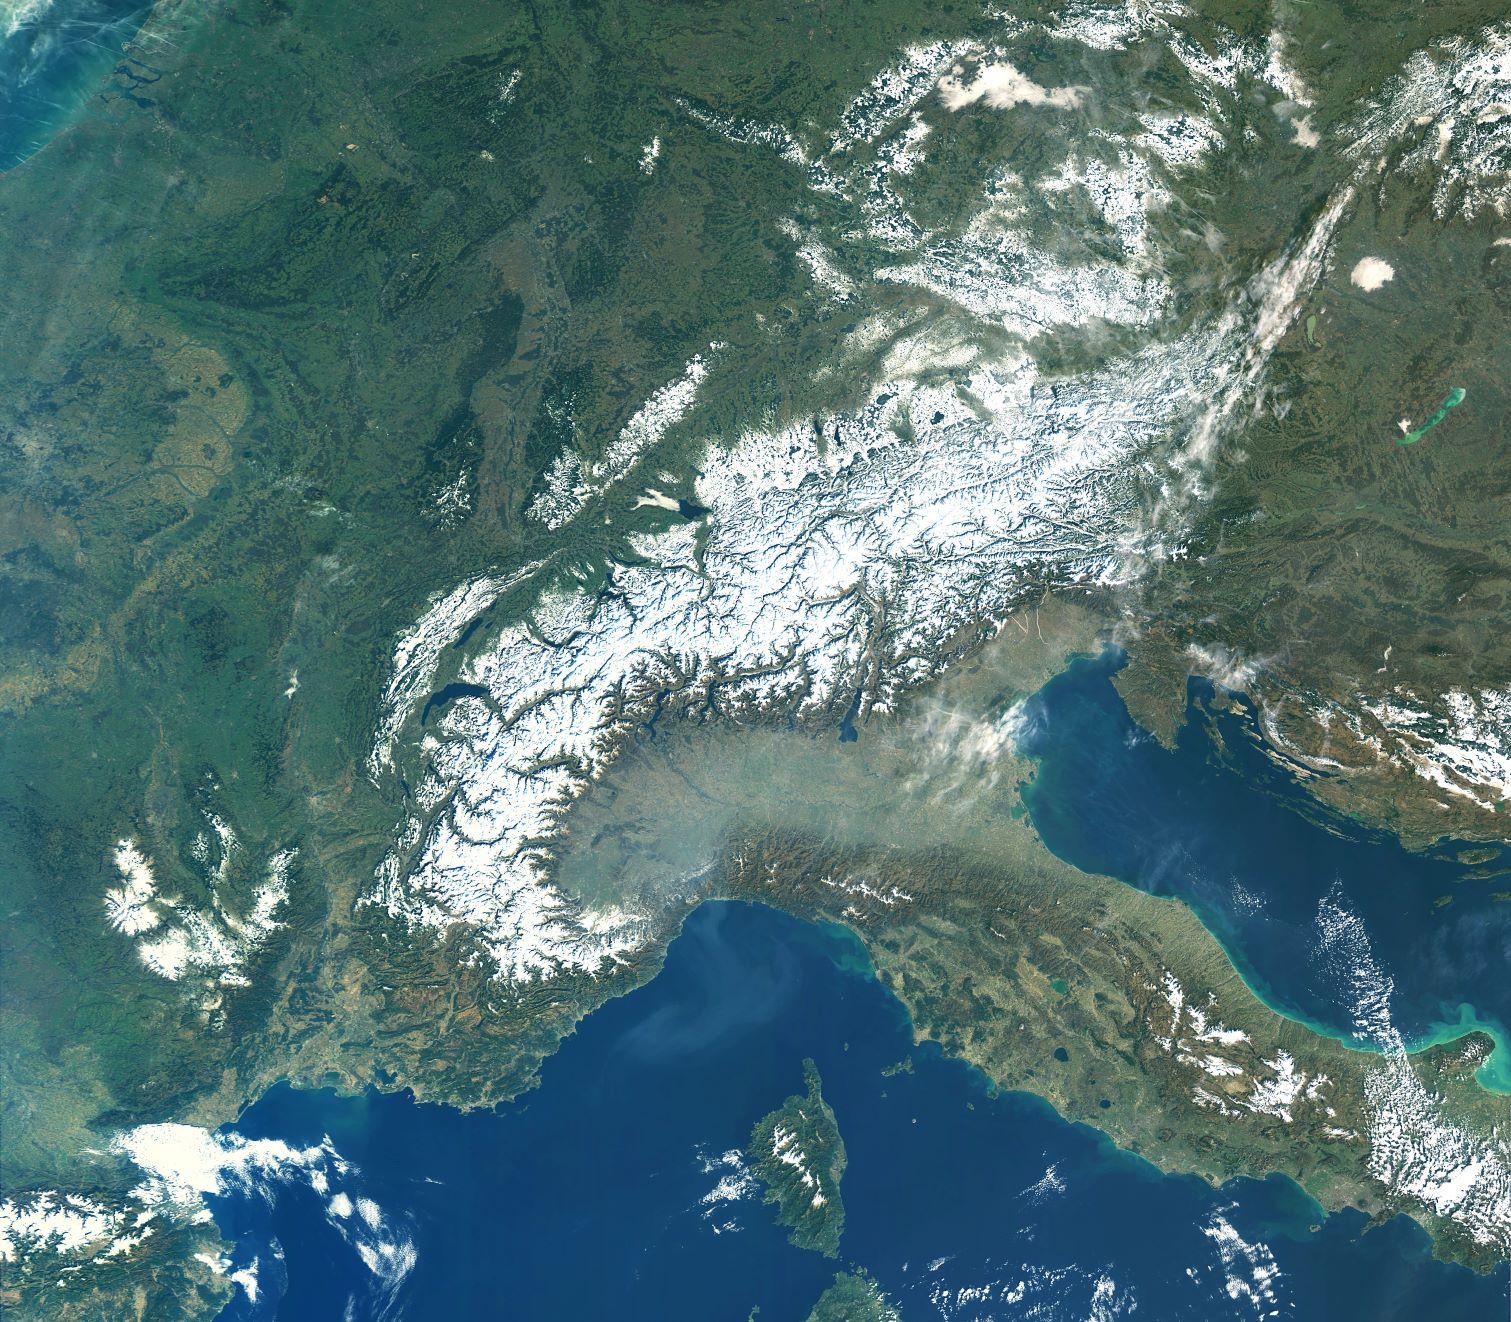 Imiona dla lodowców po satelitach